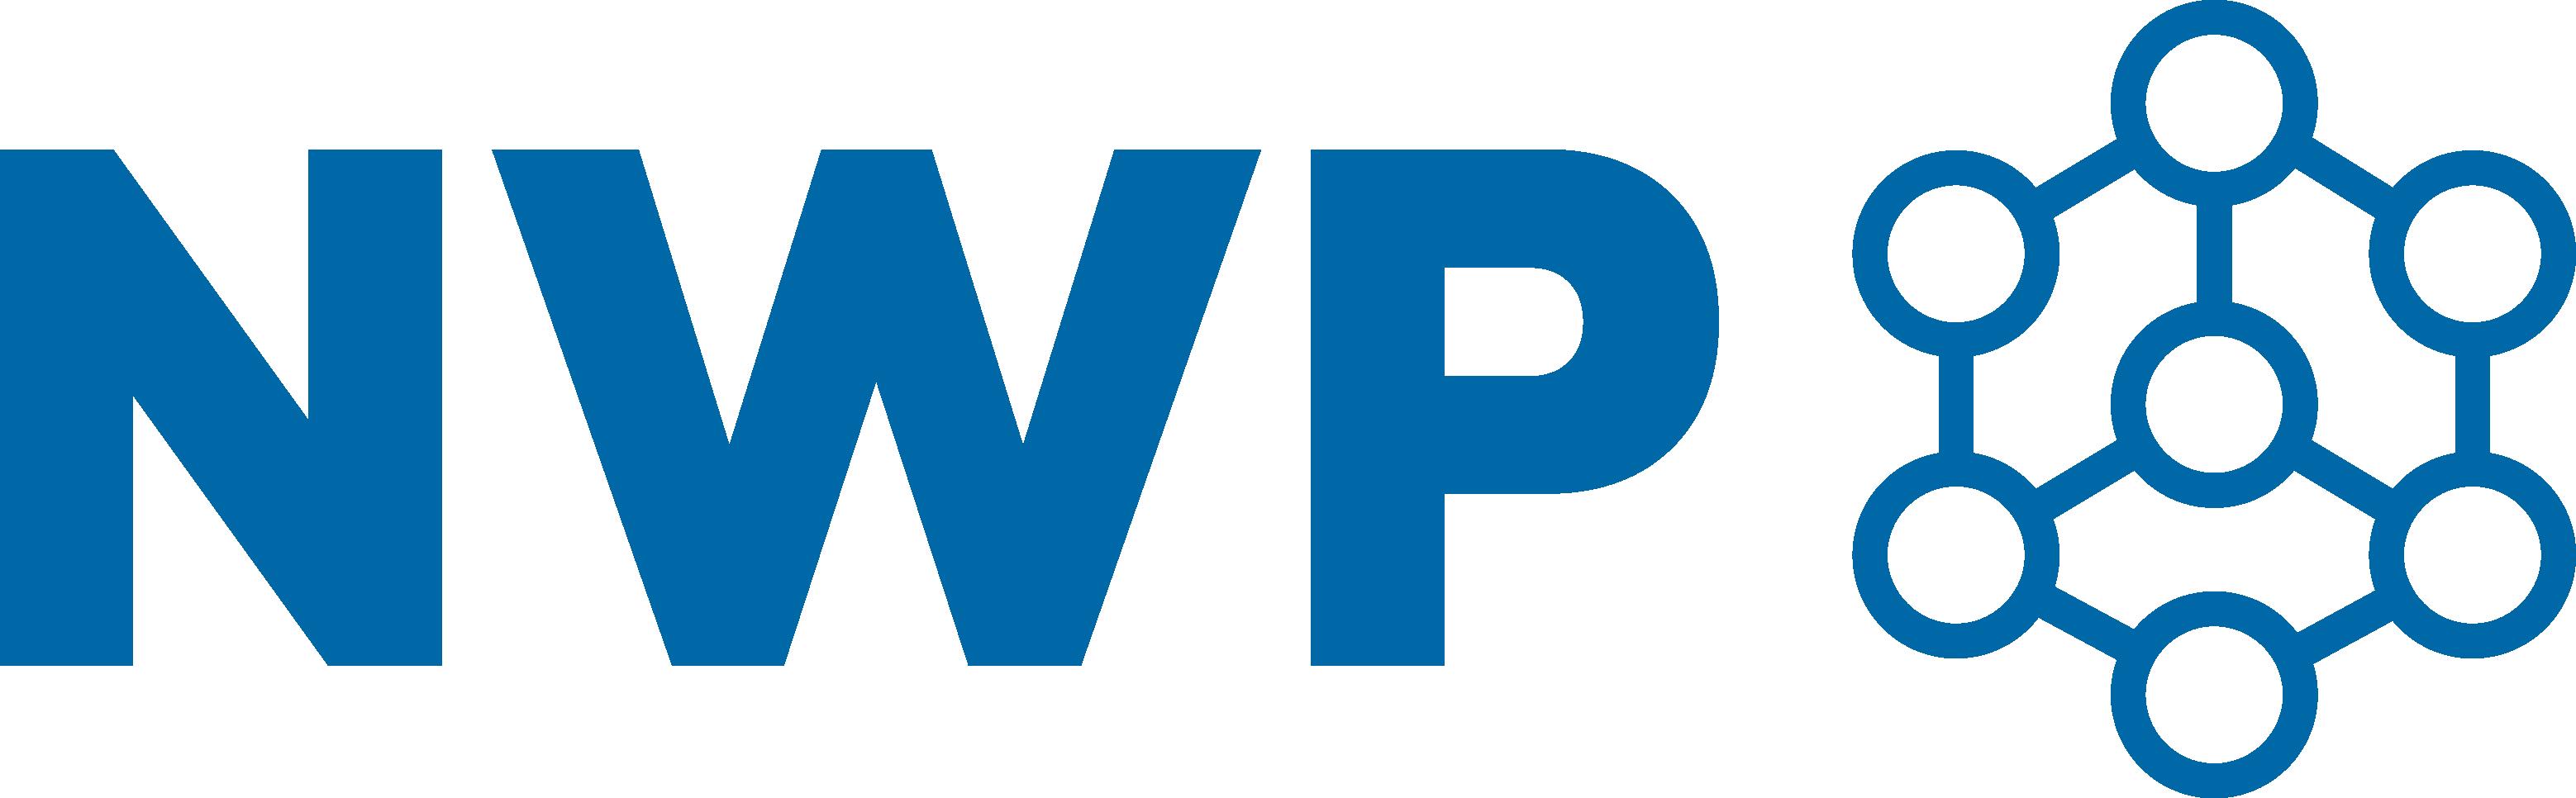 NWP-logo-blue.png